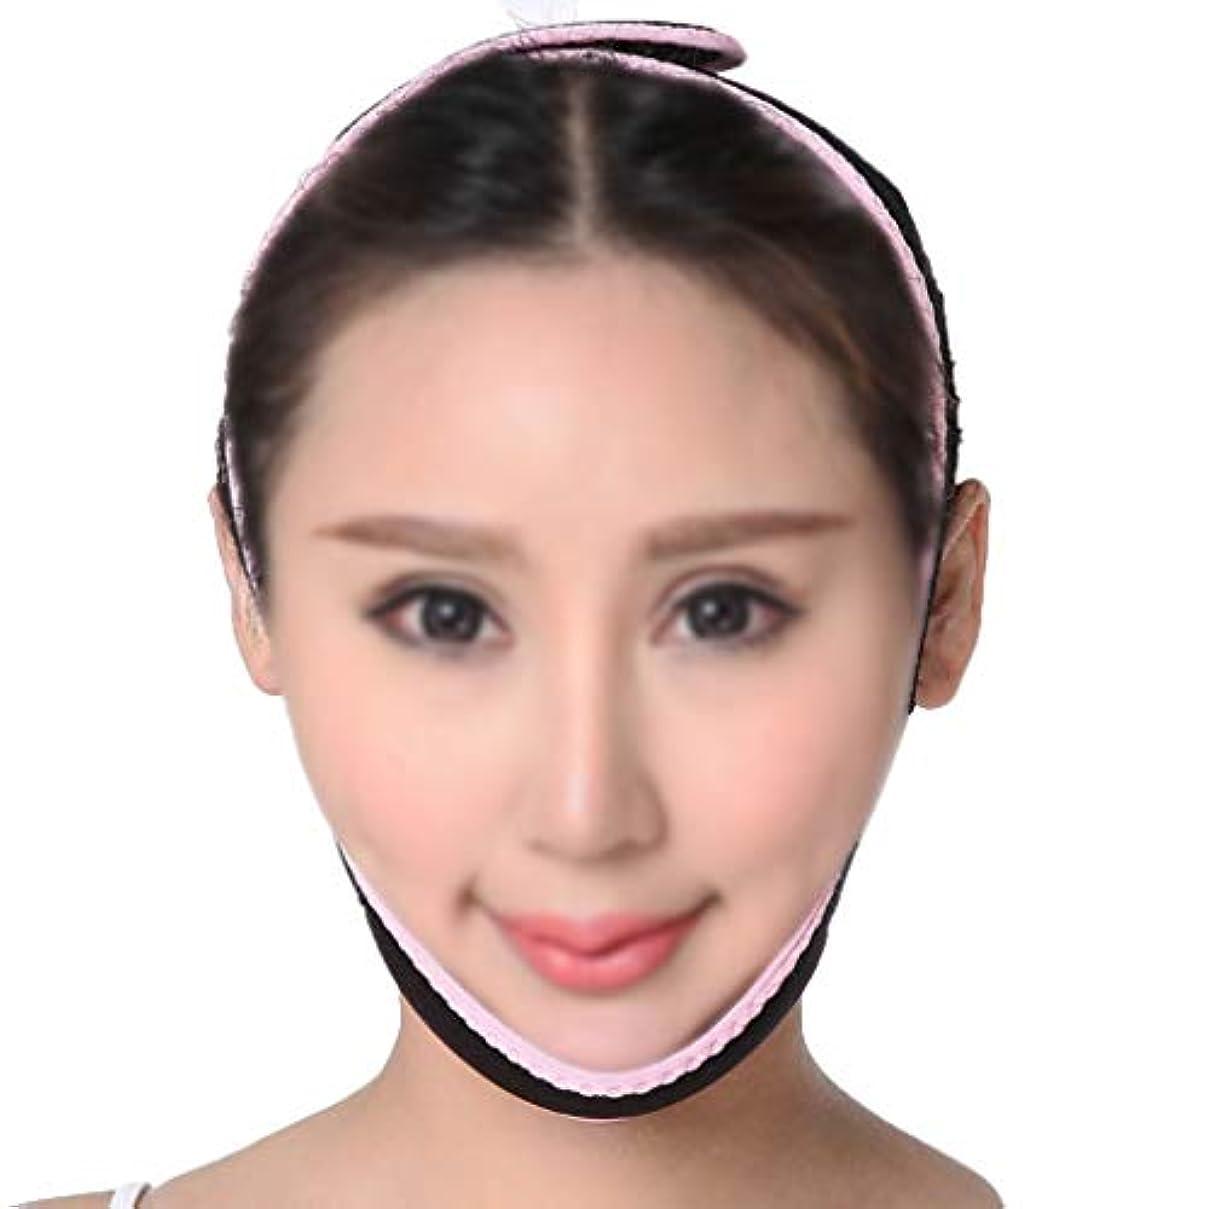 ためにルアーどれでもGLJJQMY 引き締めマスク薄い顔面マスクフェイスリフティング器具V顔薄い顔面包帯薄い顔マッサージ器薄い顔面マスクフェイスリフティング装置 顔用整形マスク